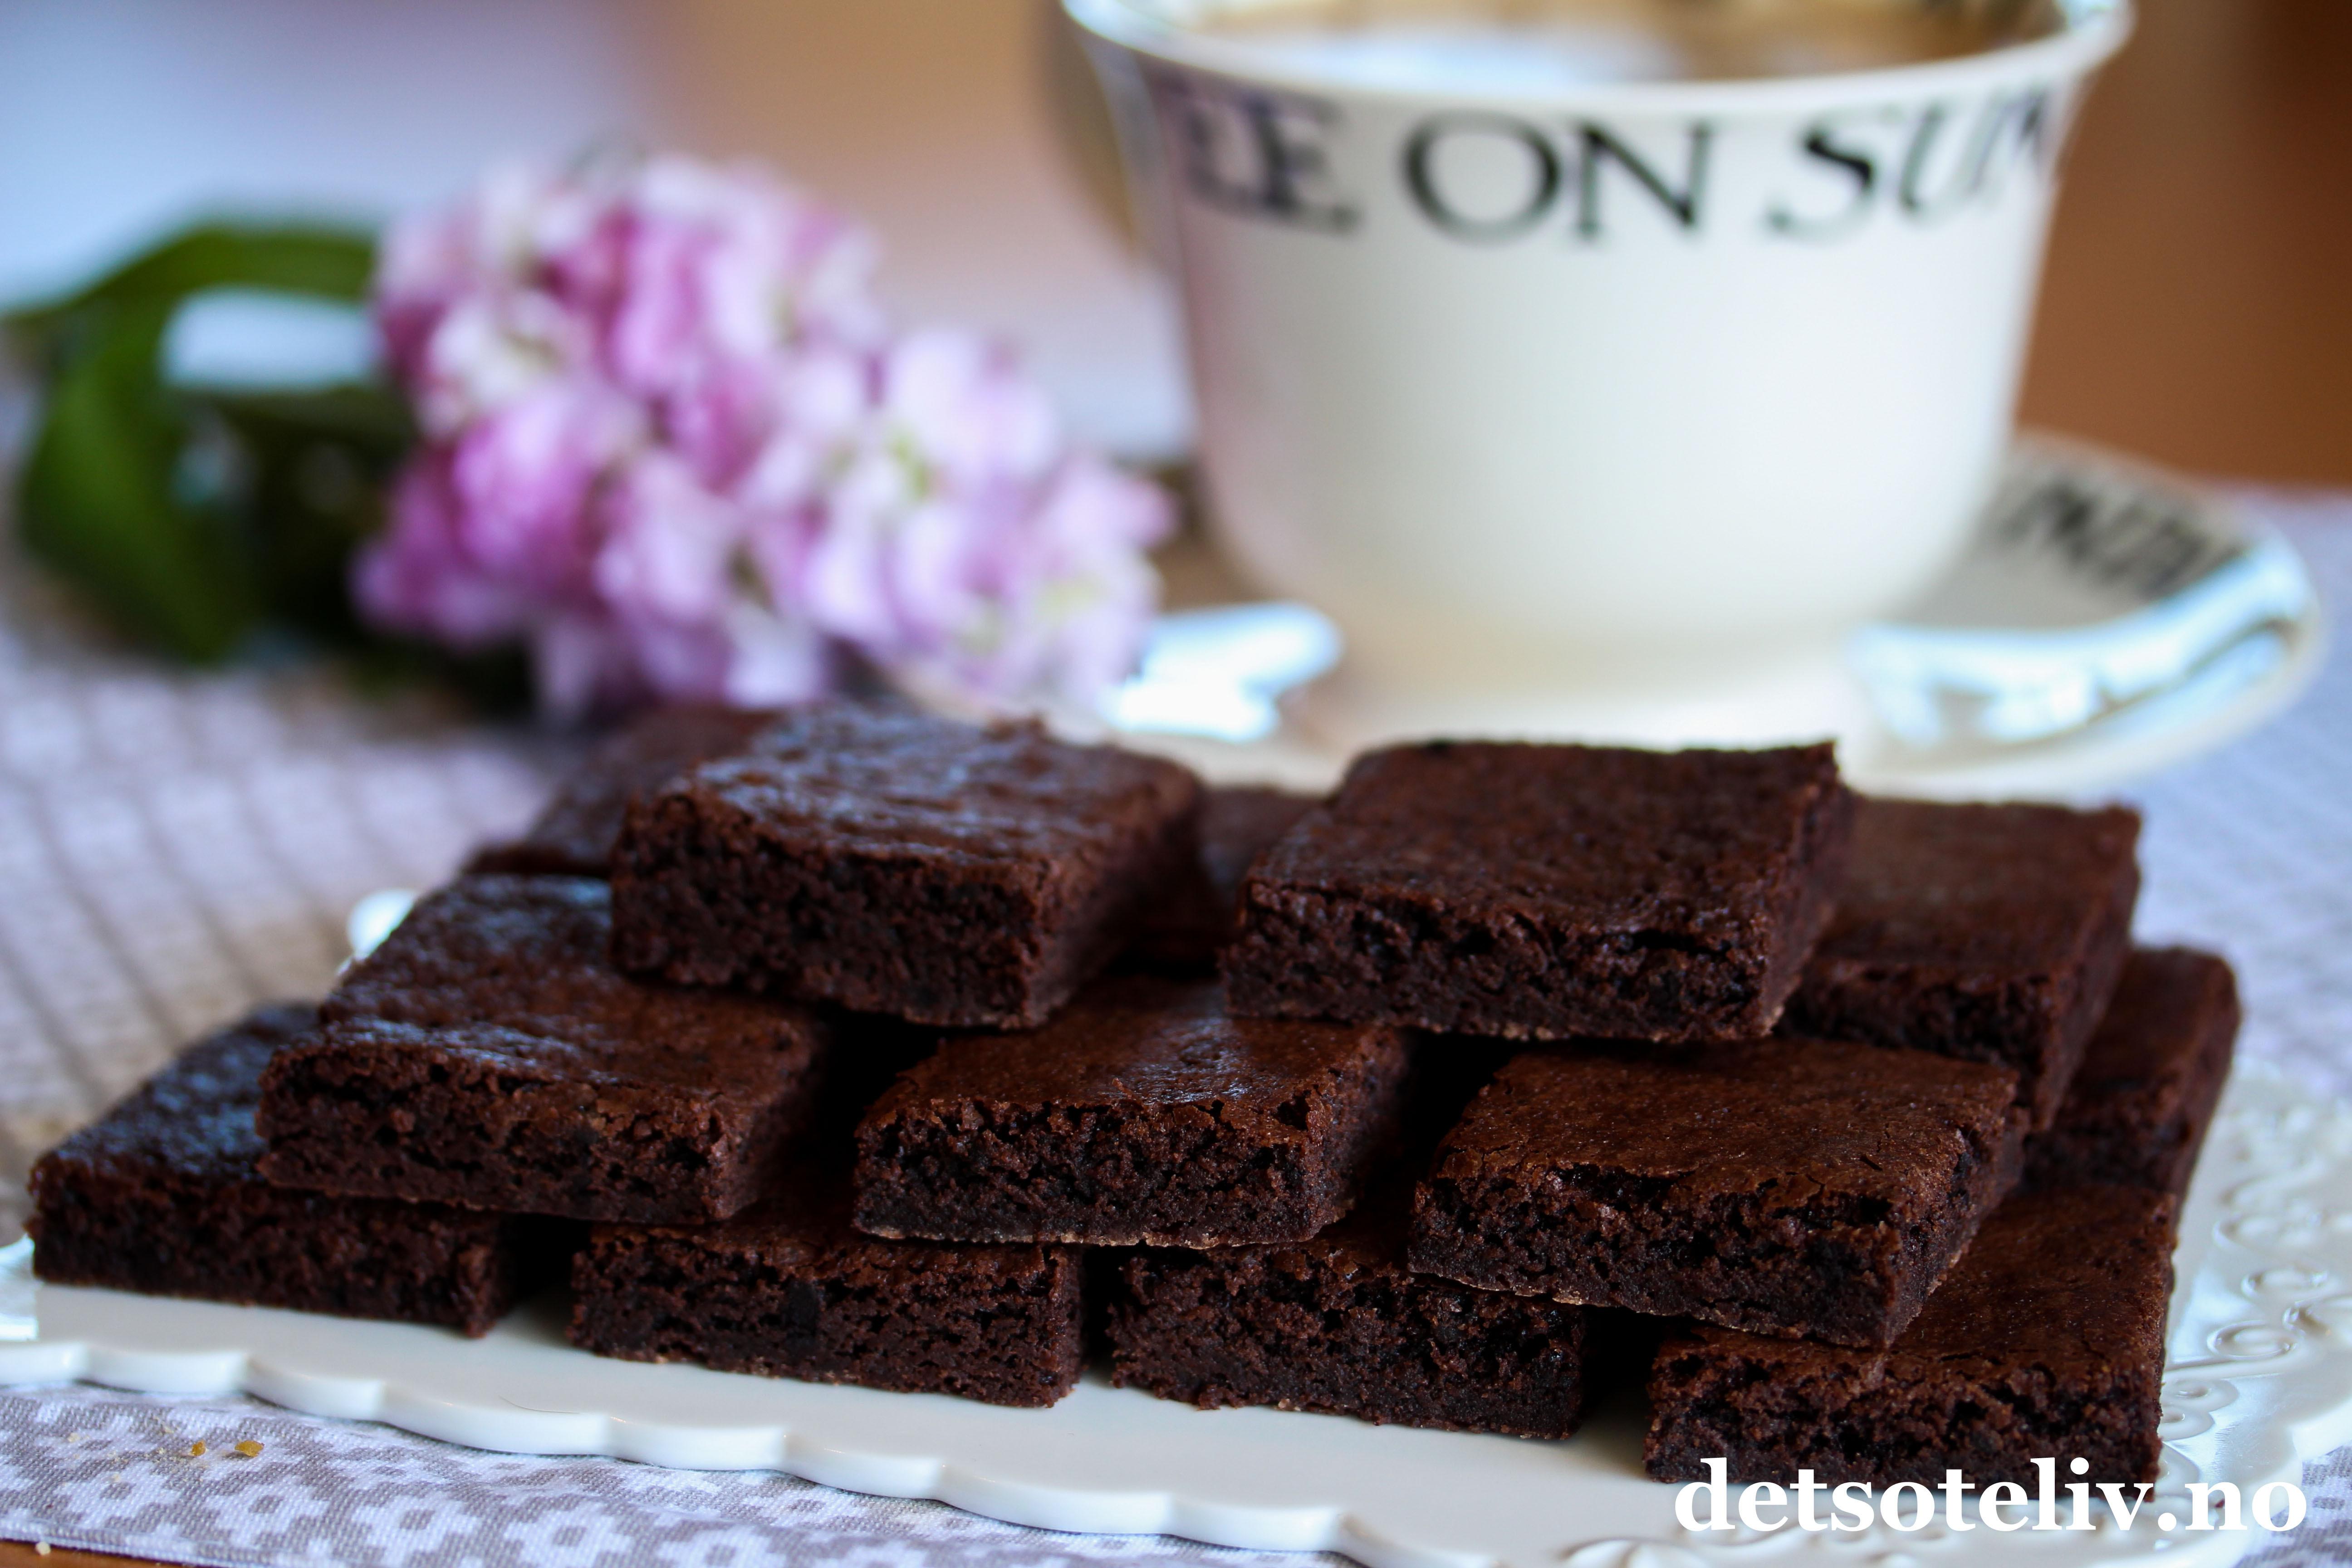 Brownies oppskrift uten sukker dating